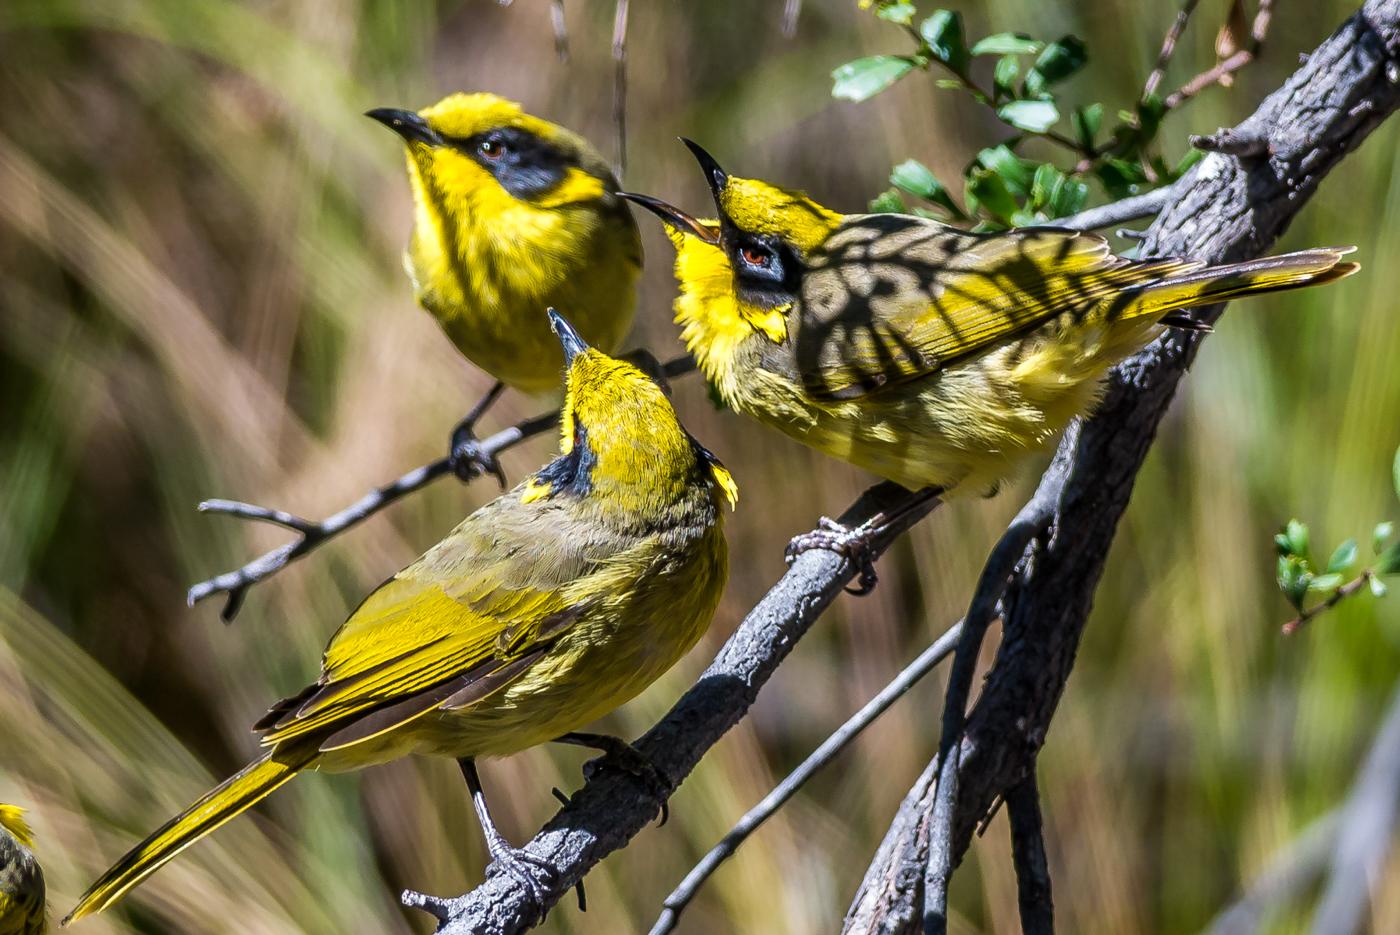 Yellow-tufted Honeyeater